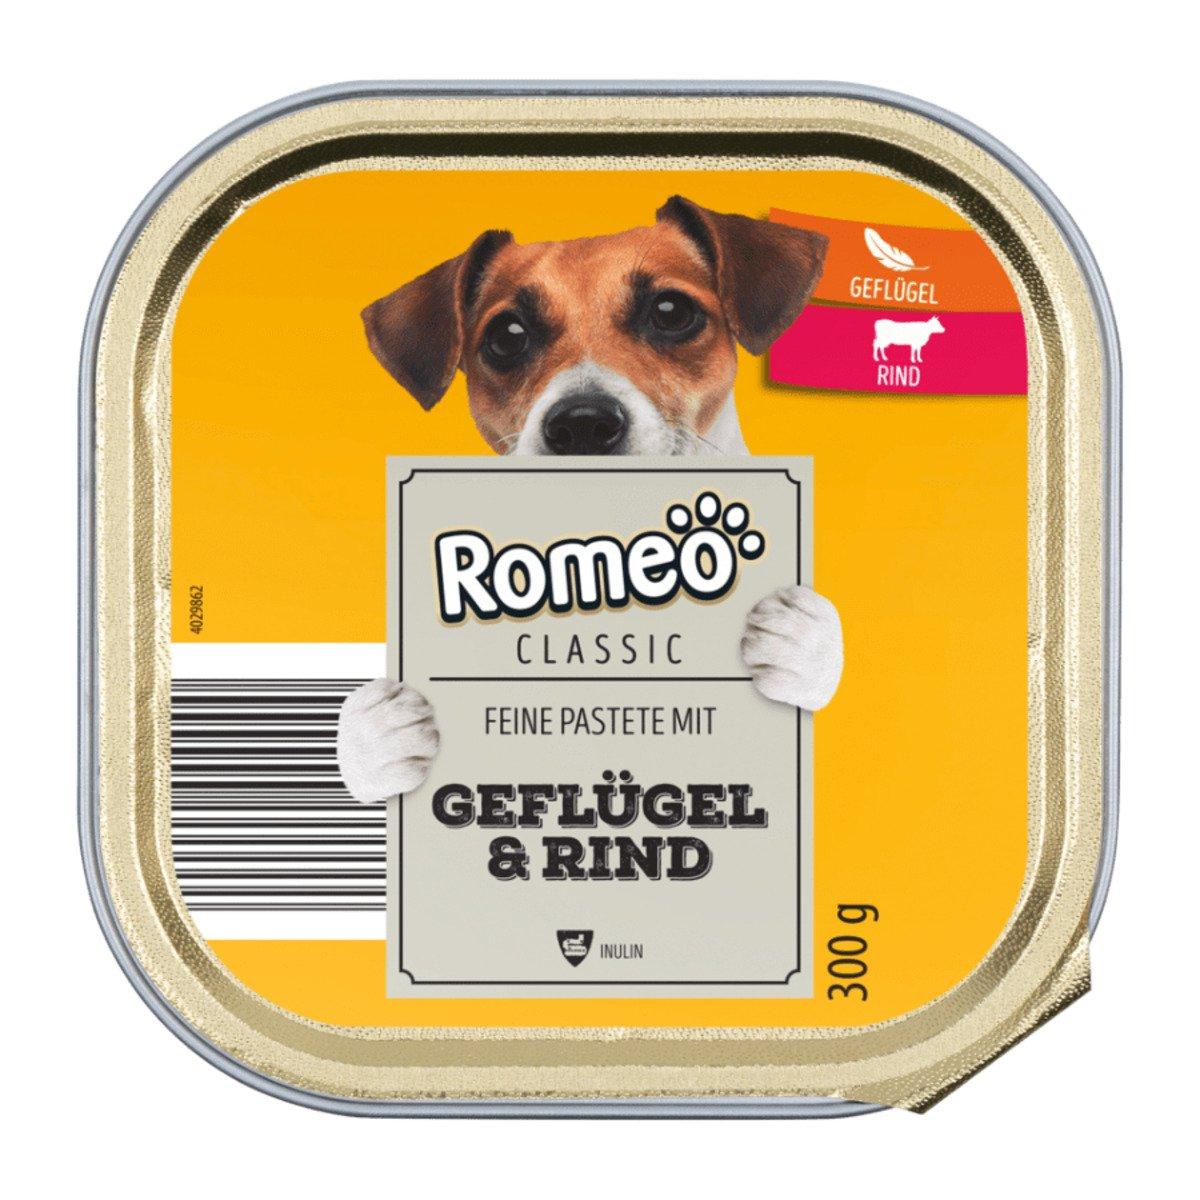 Bild 2 von ROMEO     Hundenahrung